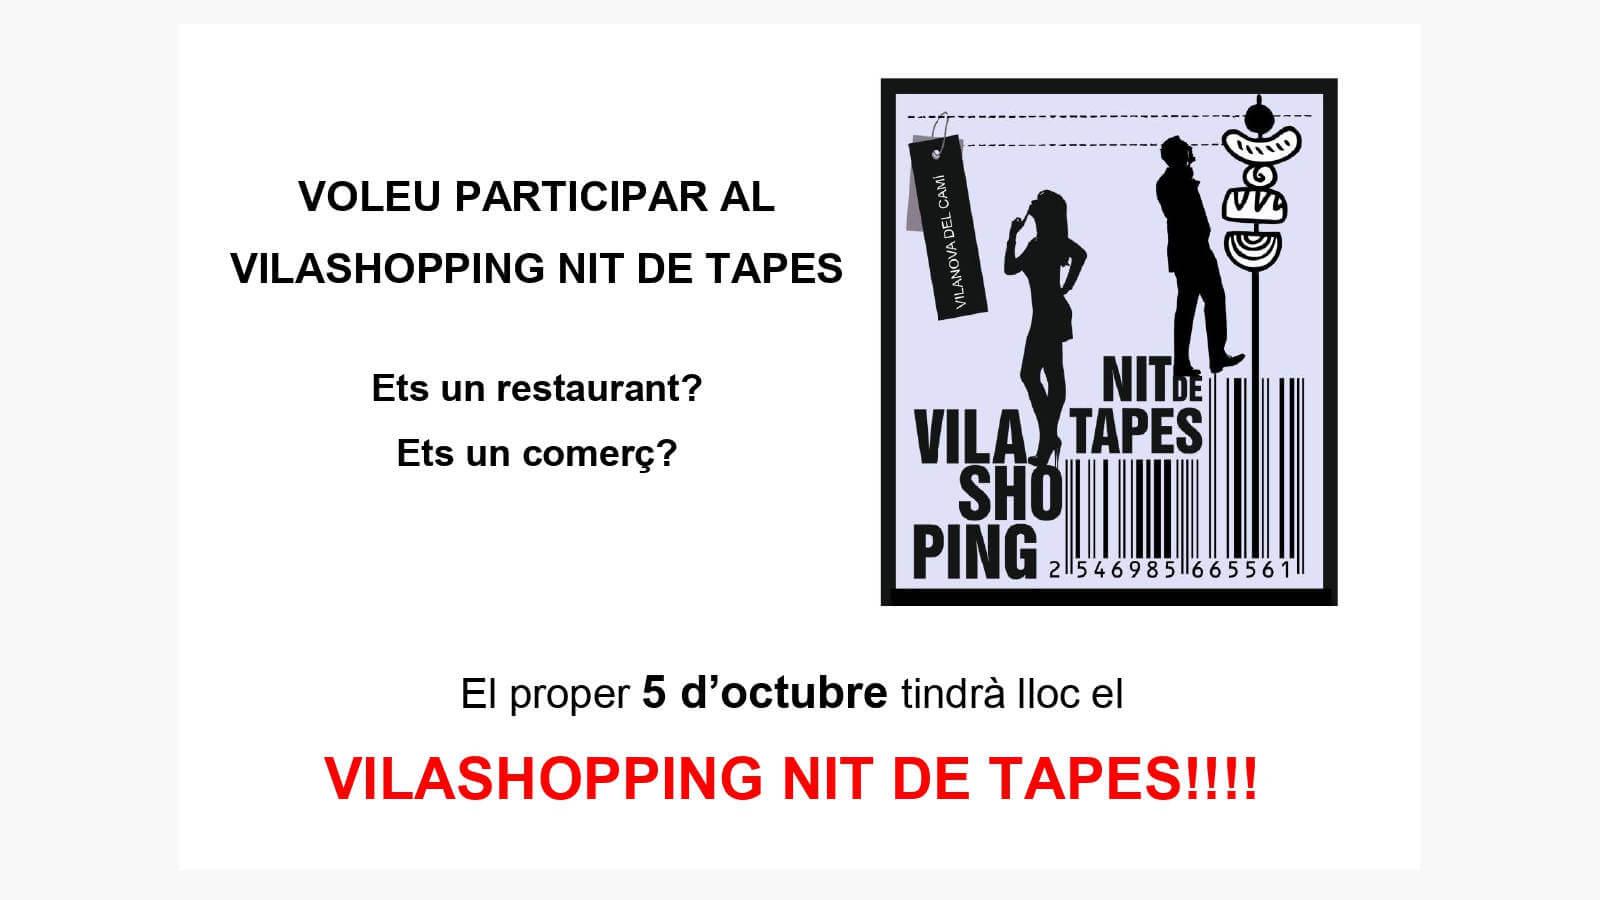 VOLEU PARTICIPAR AL VILASHOPPING NIT DE TAPES